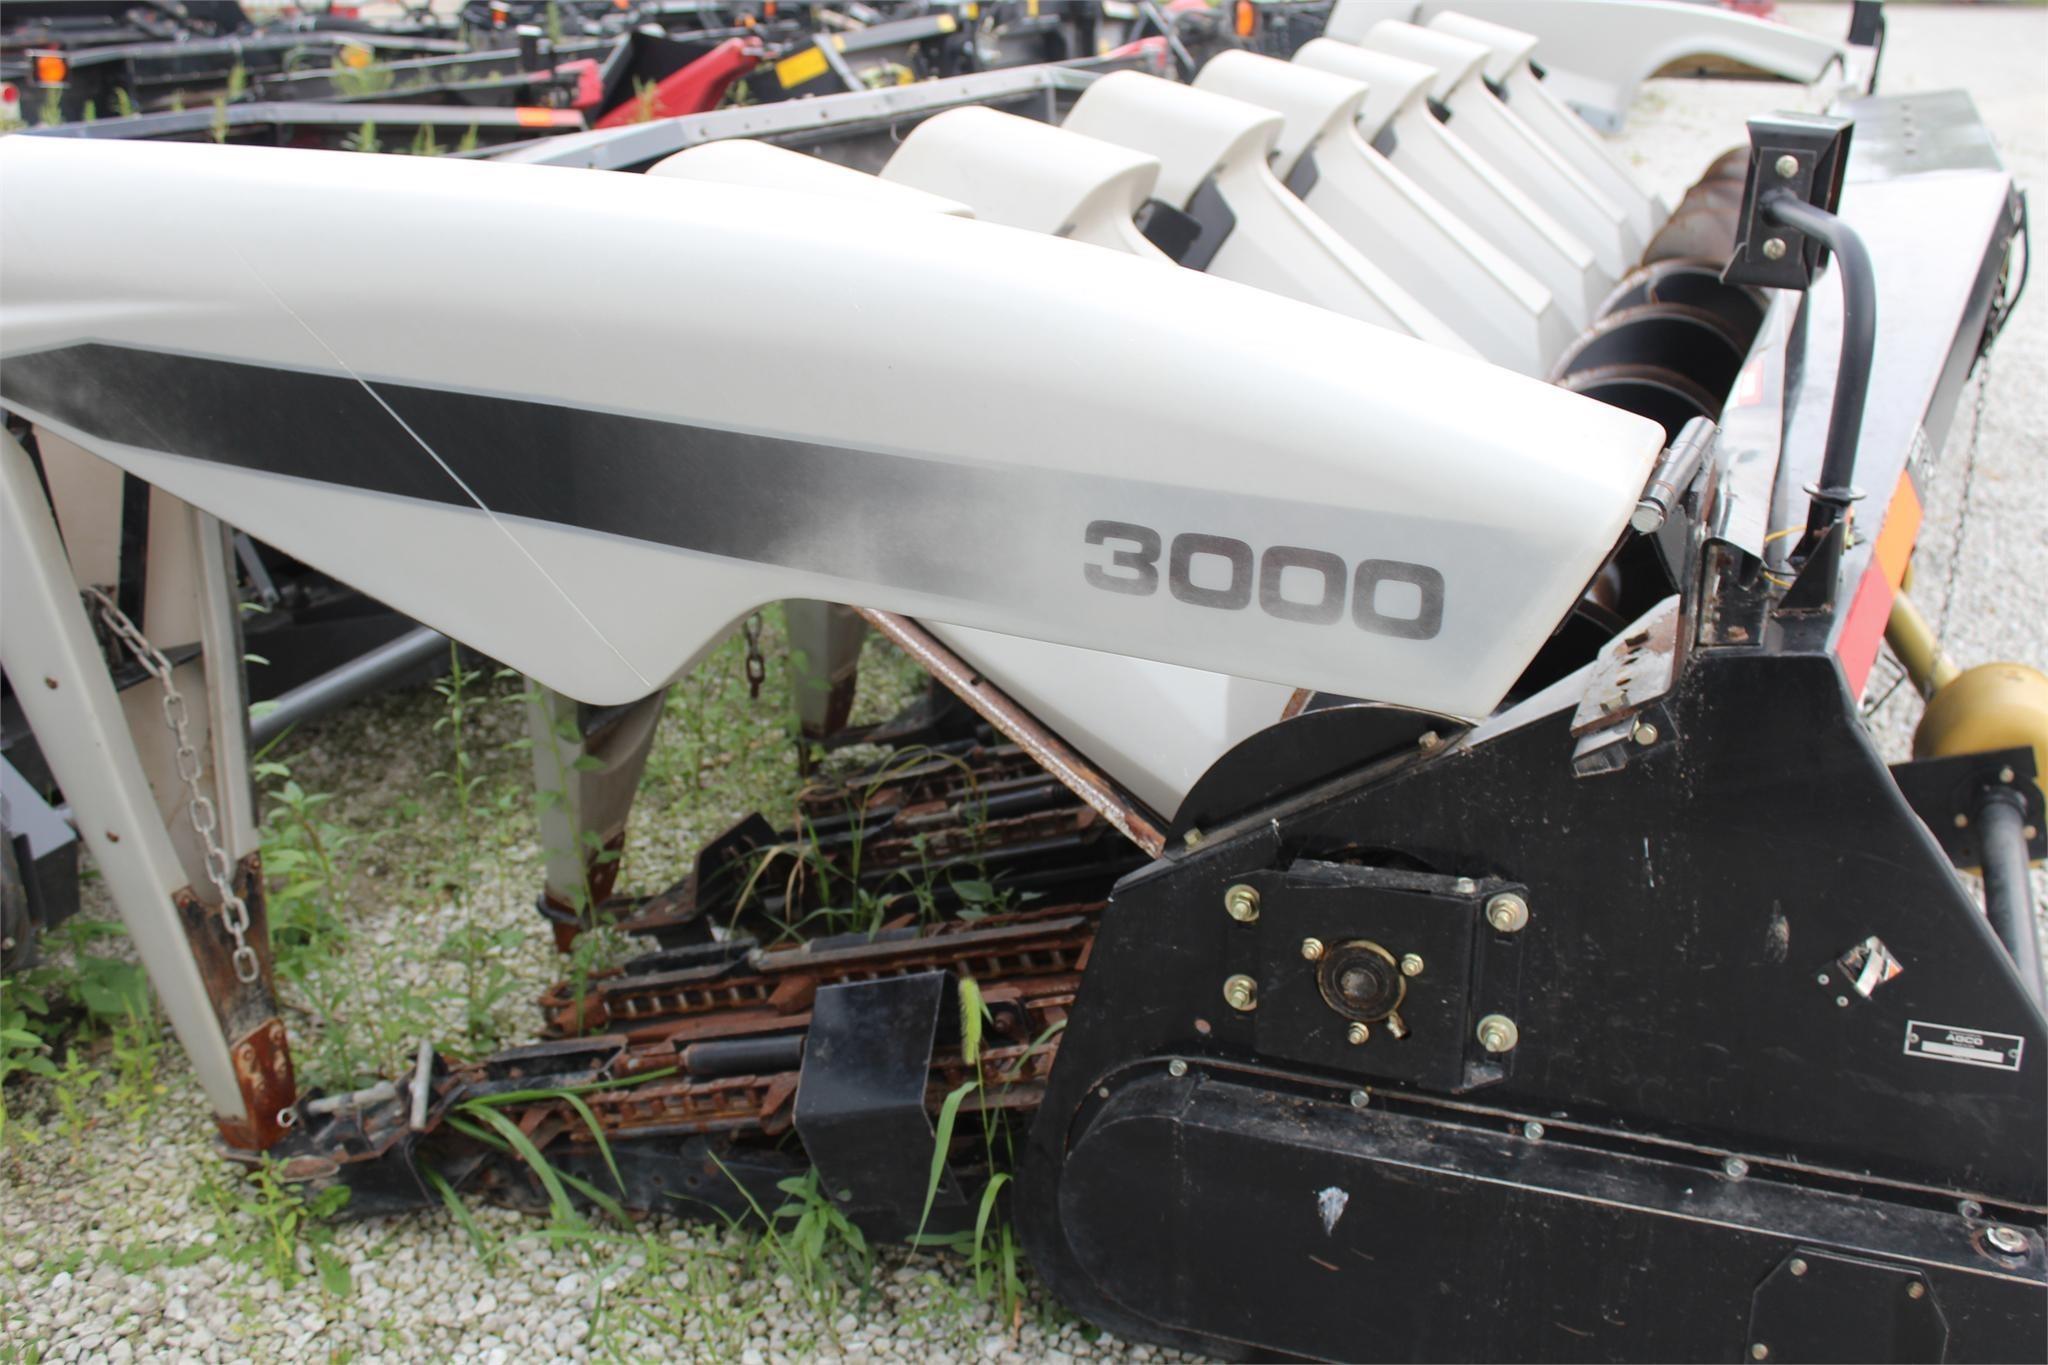 2004 Gleaner 3000 Corn Head